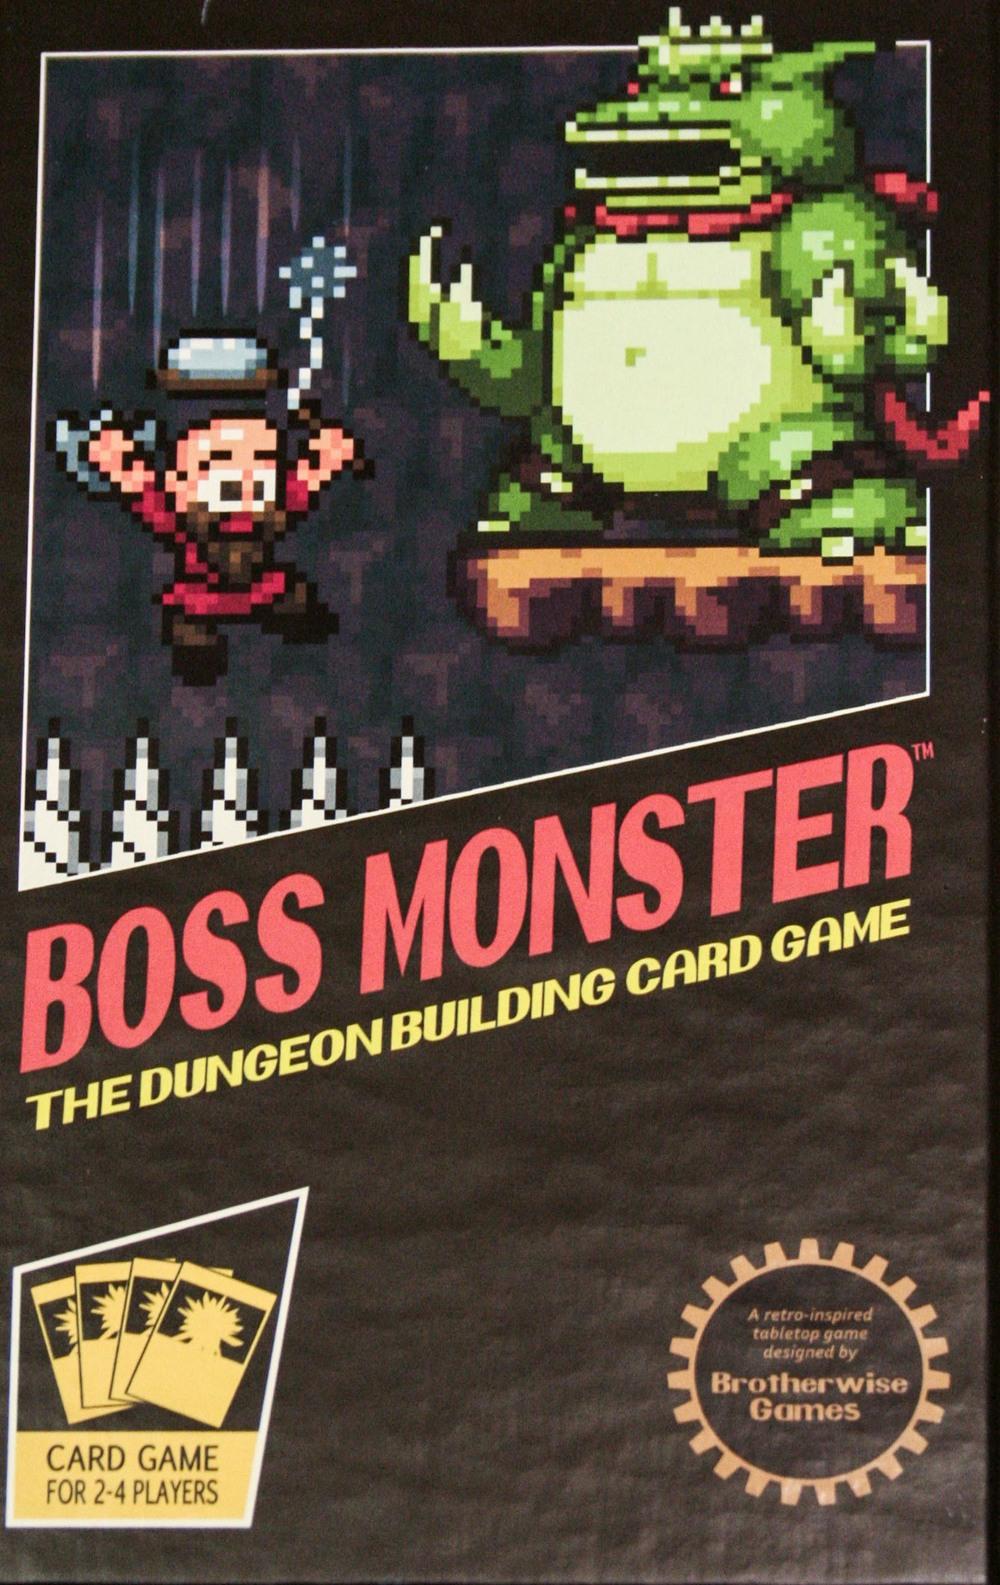 BossMonster